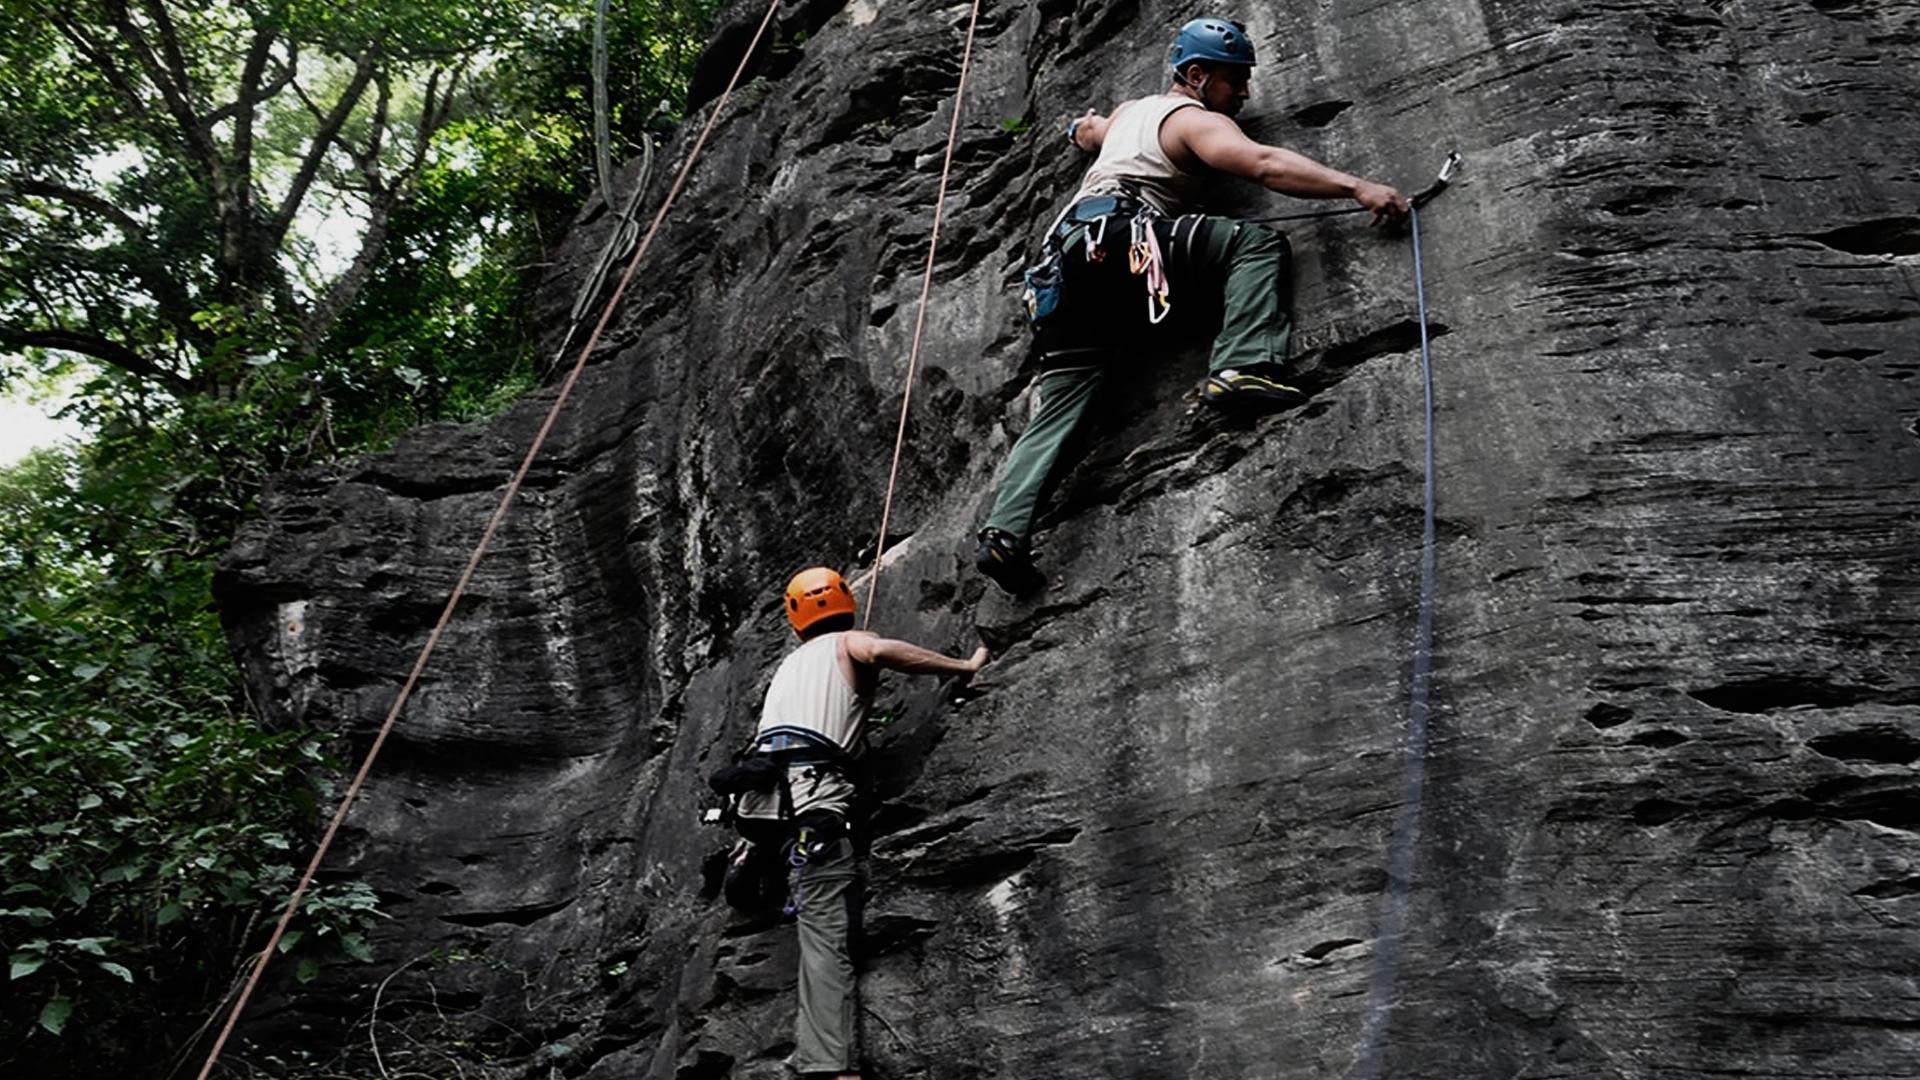 Duas pessoas praticando escalada outdoor. Ambas com capacete de segurança e também cordas de segurança.